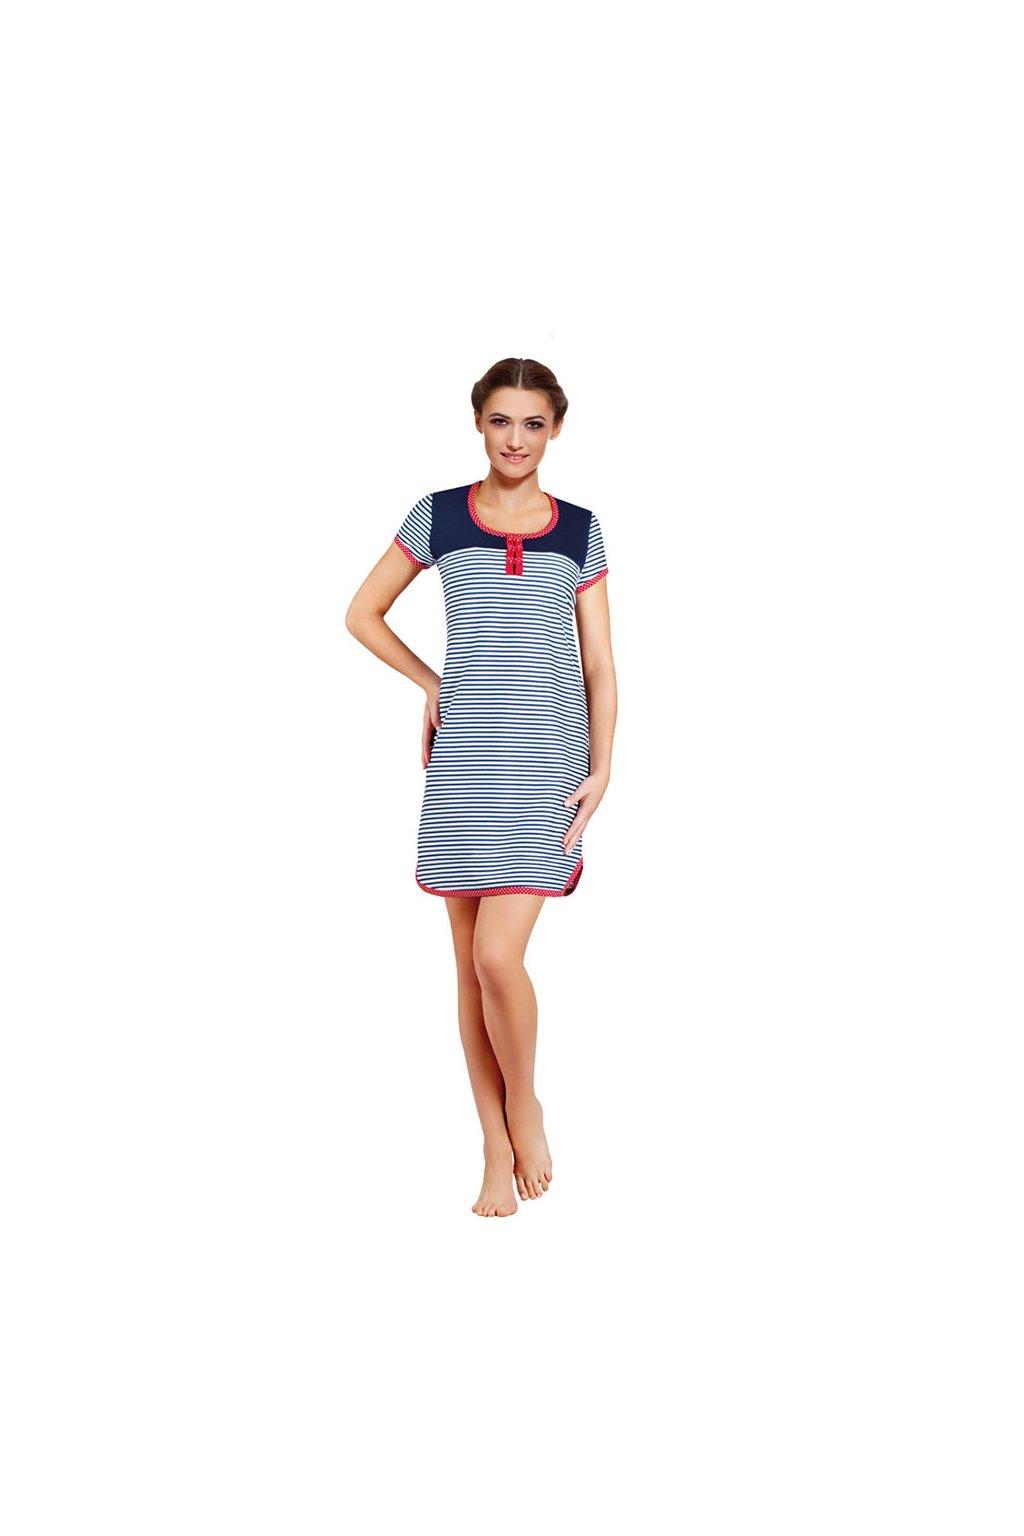 Dámská noční košile s krátkým rukávem, 104238 668, modrá/bílá